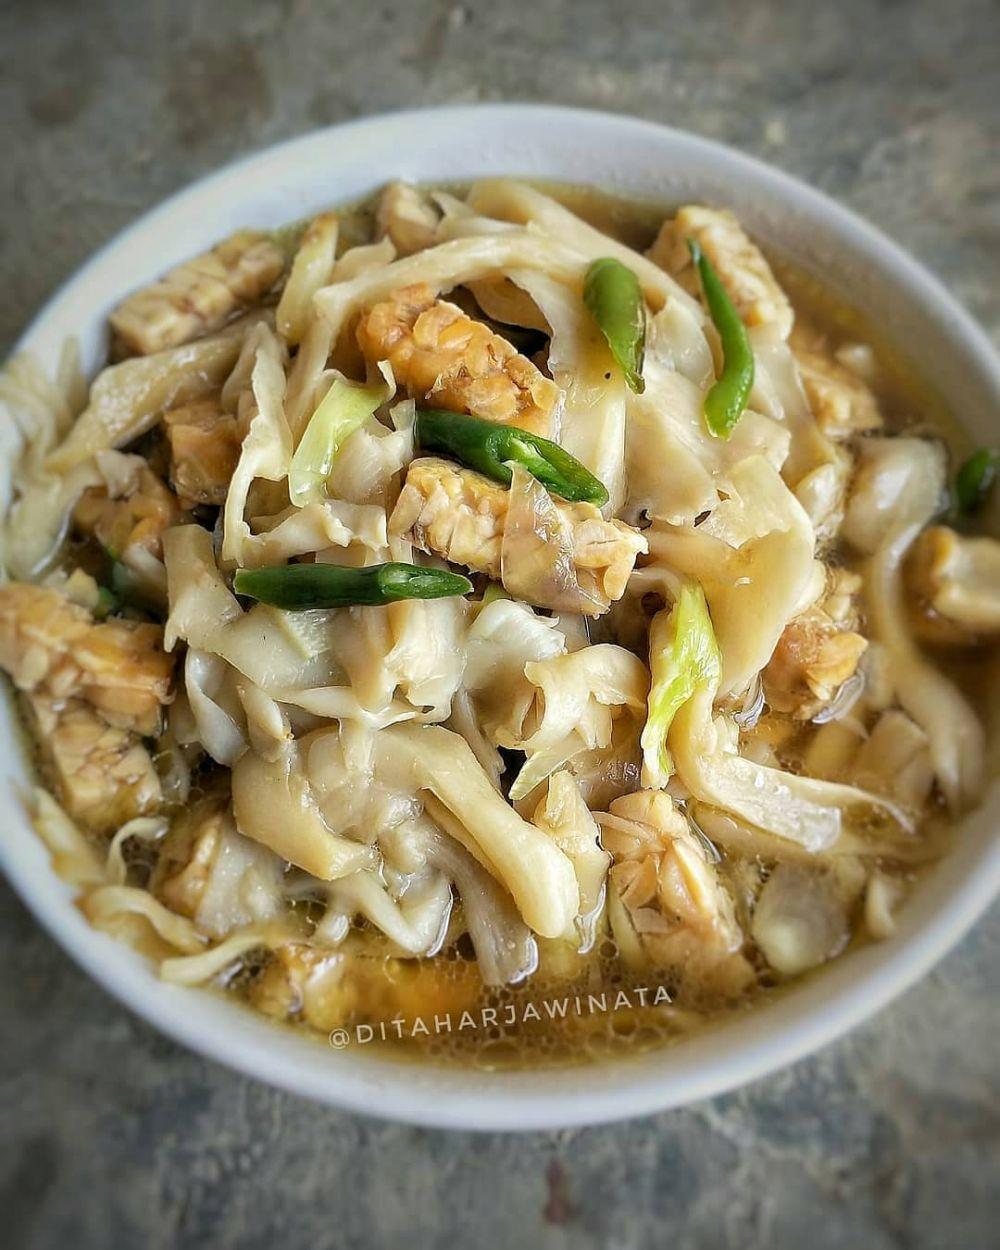 Resep Masakan Sederhana Menu Sehari Hari Istimewa Resep Masakan Makanan Masakan